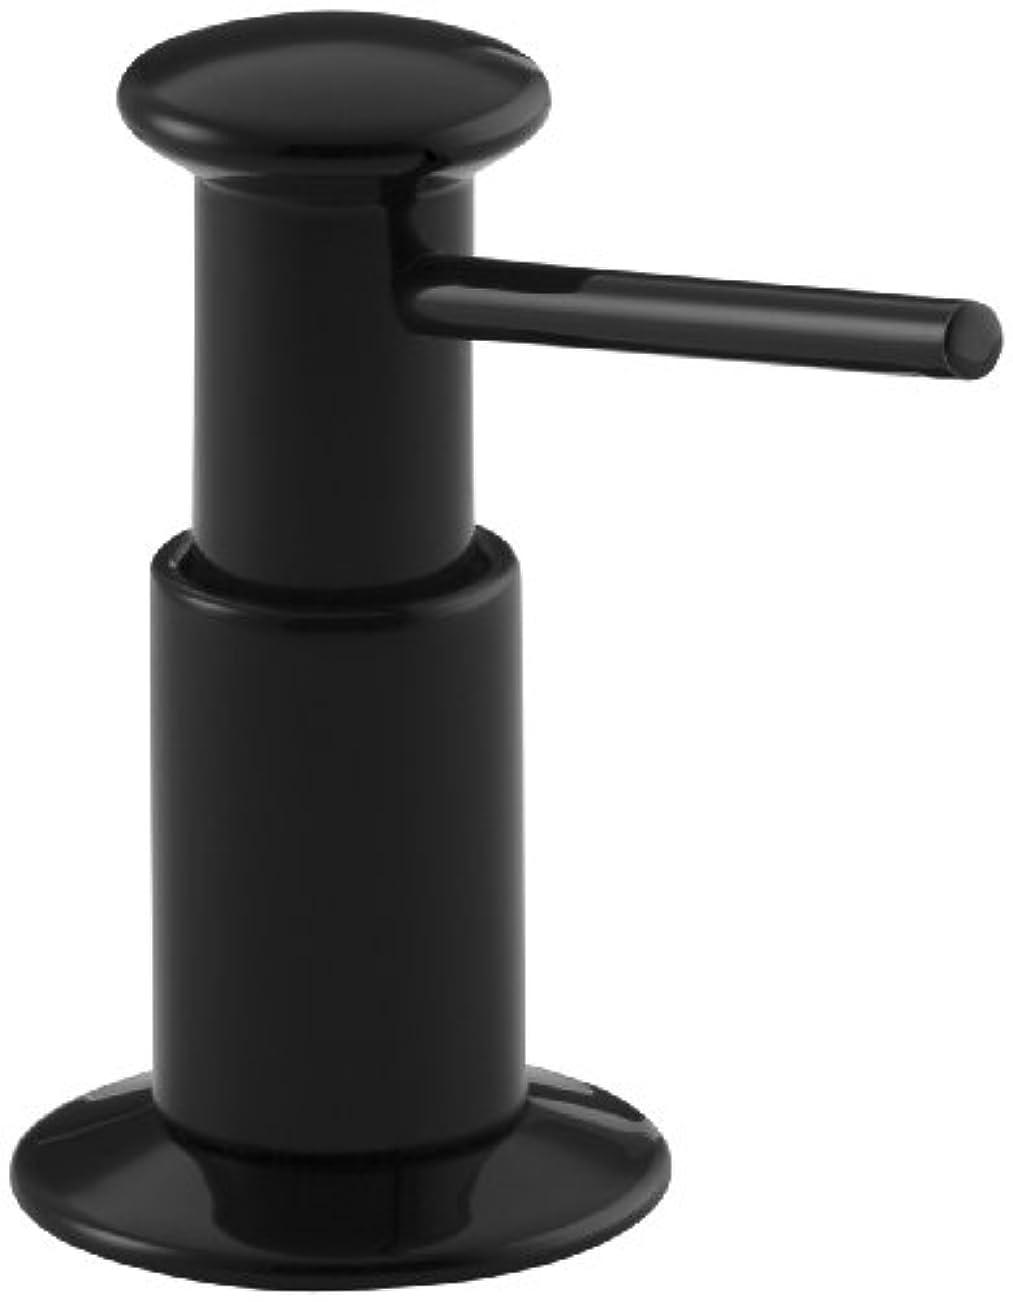 ブレイズミュート硫黄Kohler石鹸/ローションディスペンサー K-9619-7 1